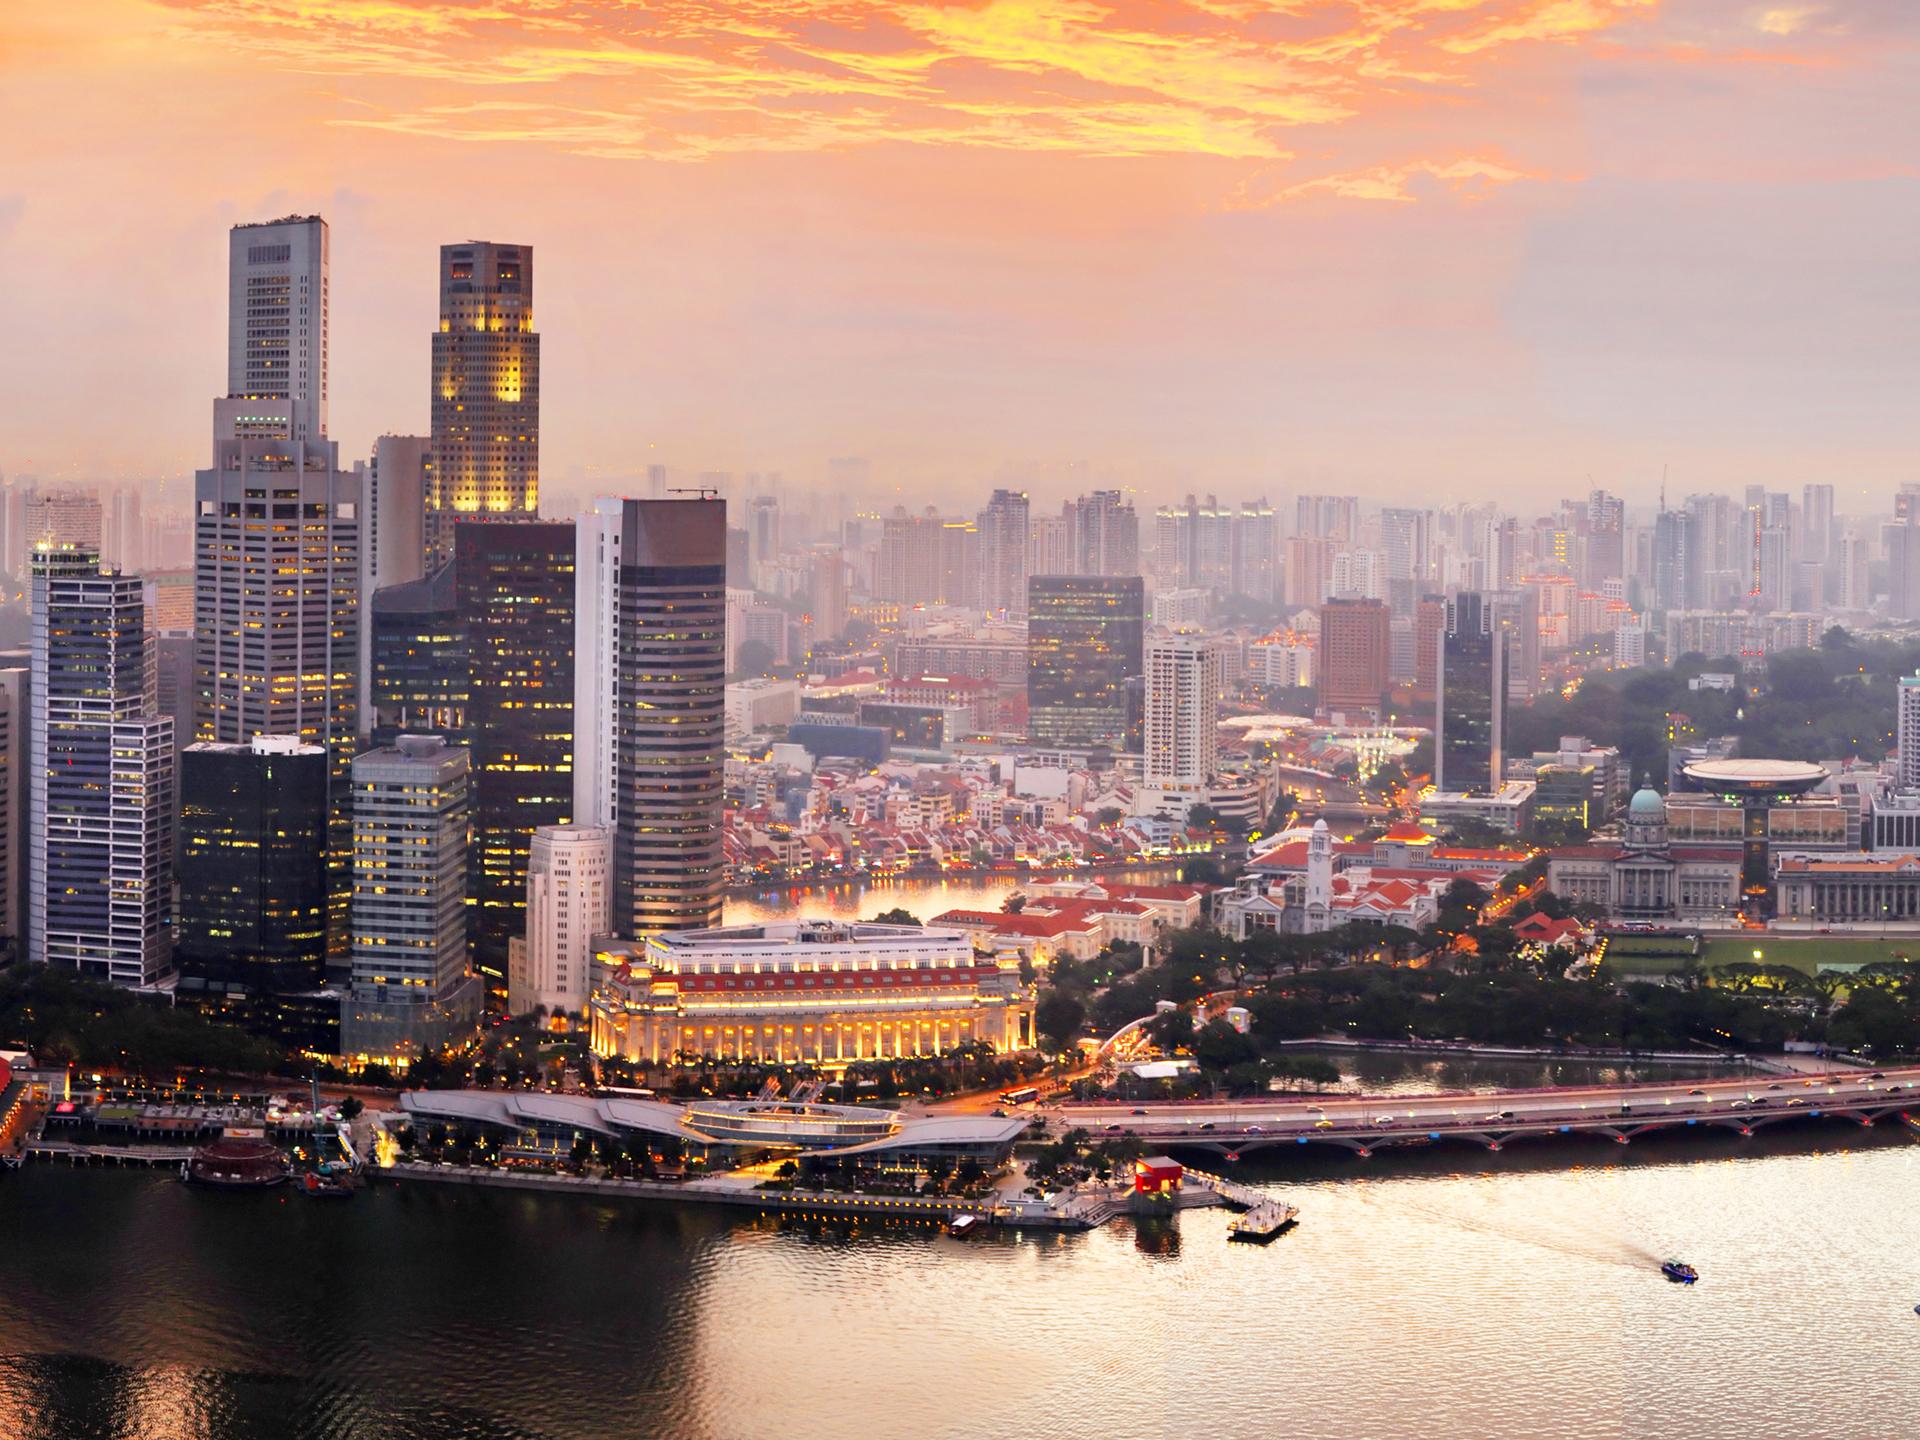 新加坡4晚6天百变自由行【薰衣草V/人气4钻/可升级家庭房】